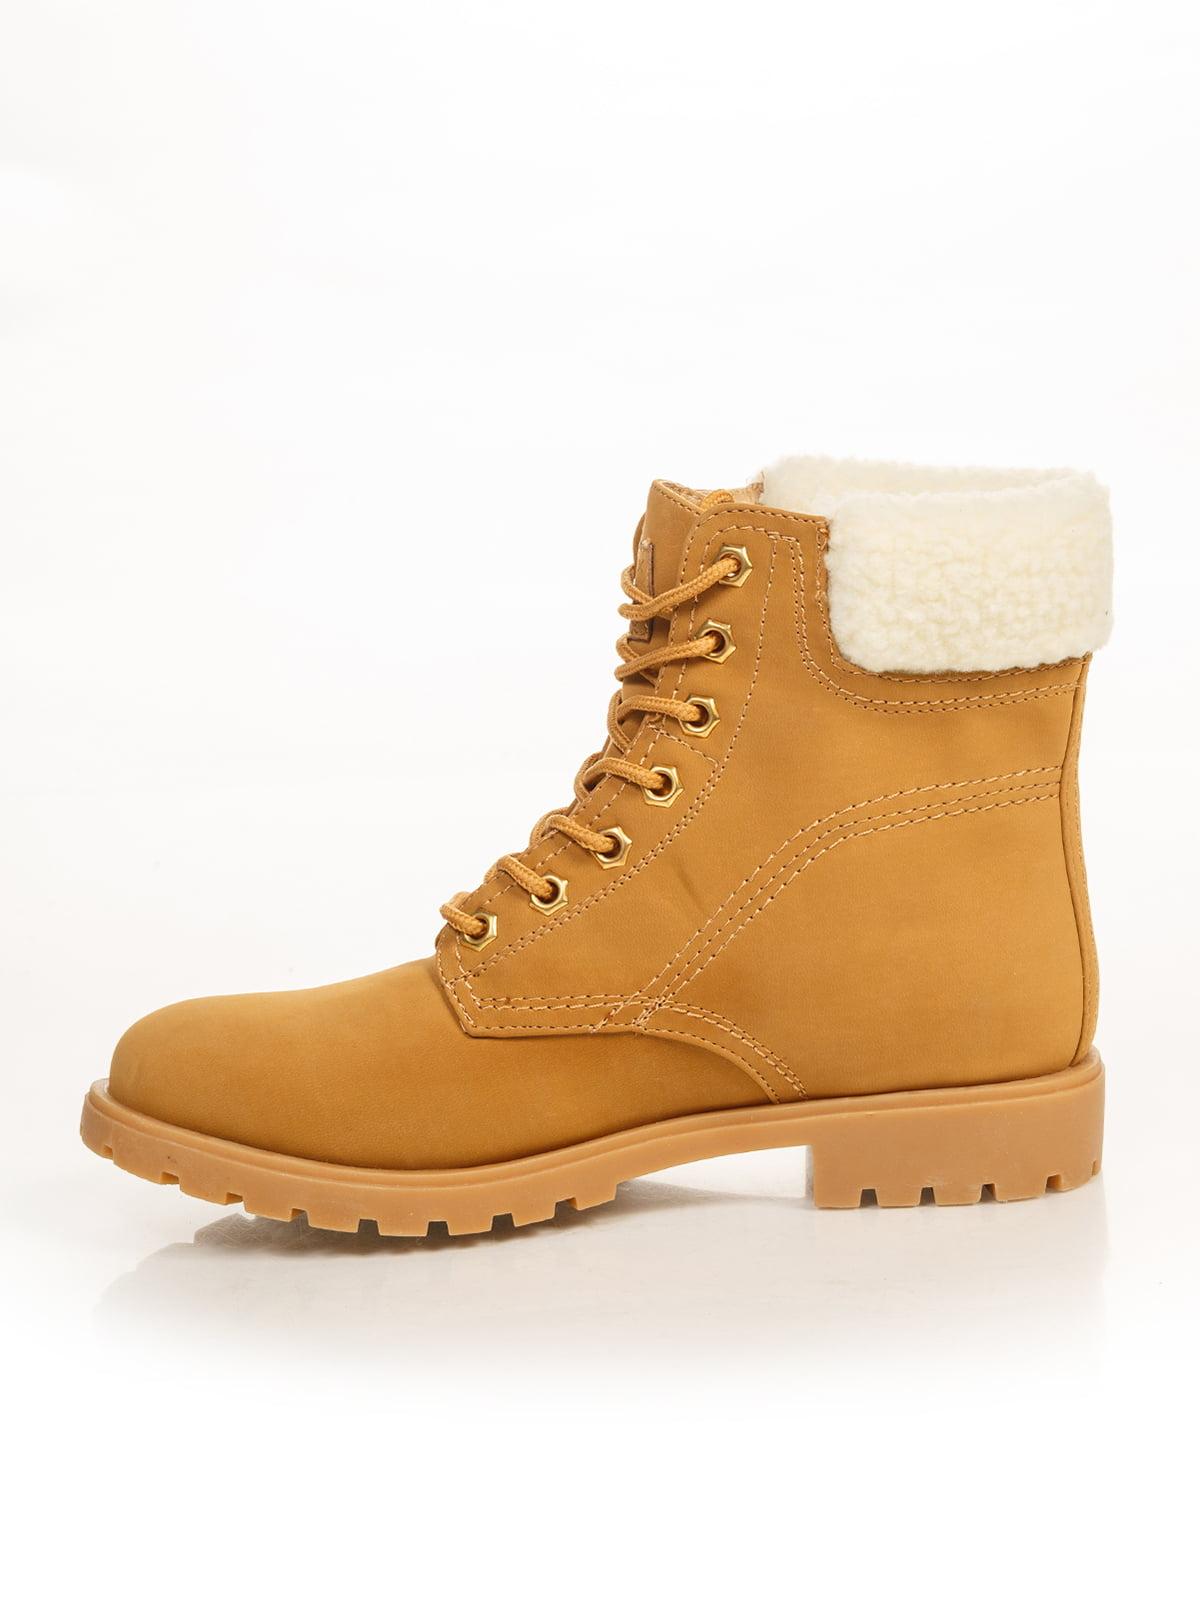 Ботинки коричневые | 2992542 | фото 2